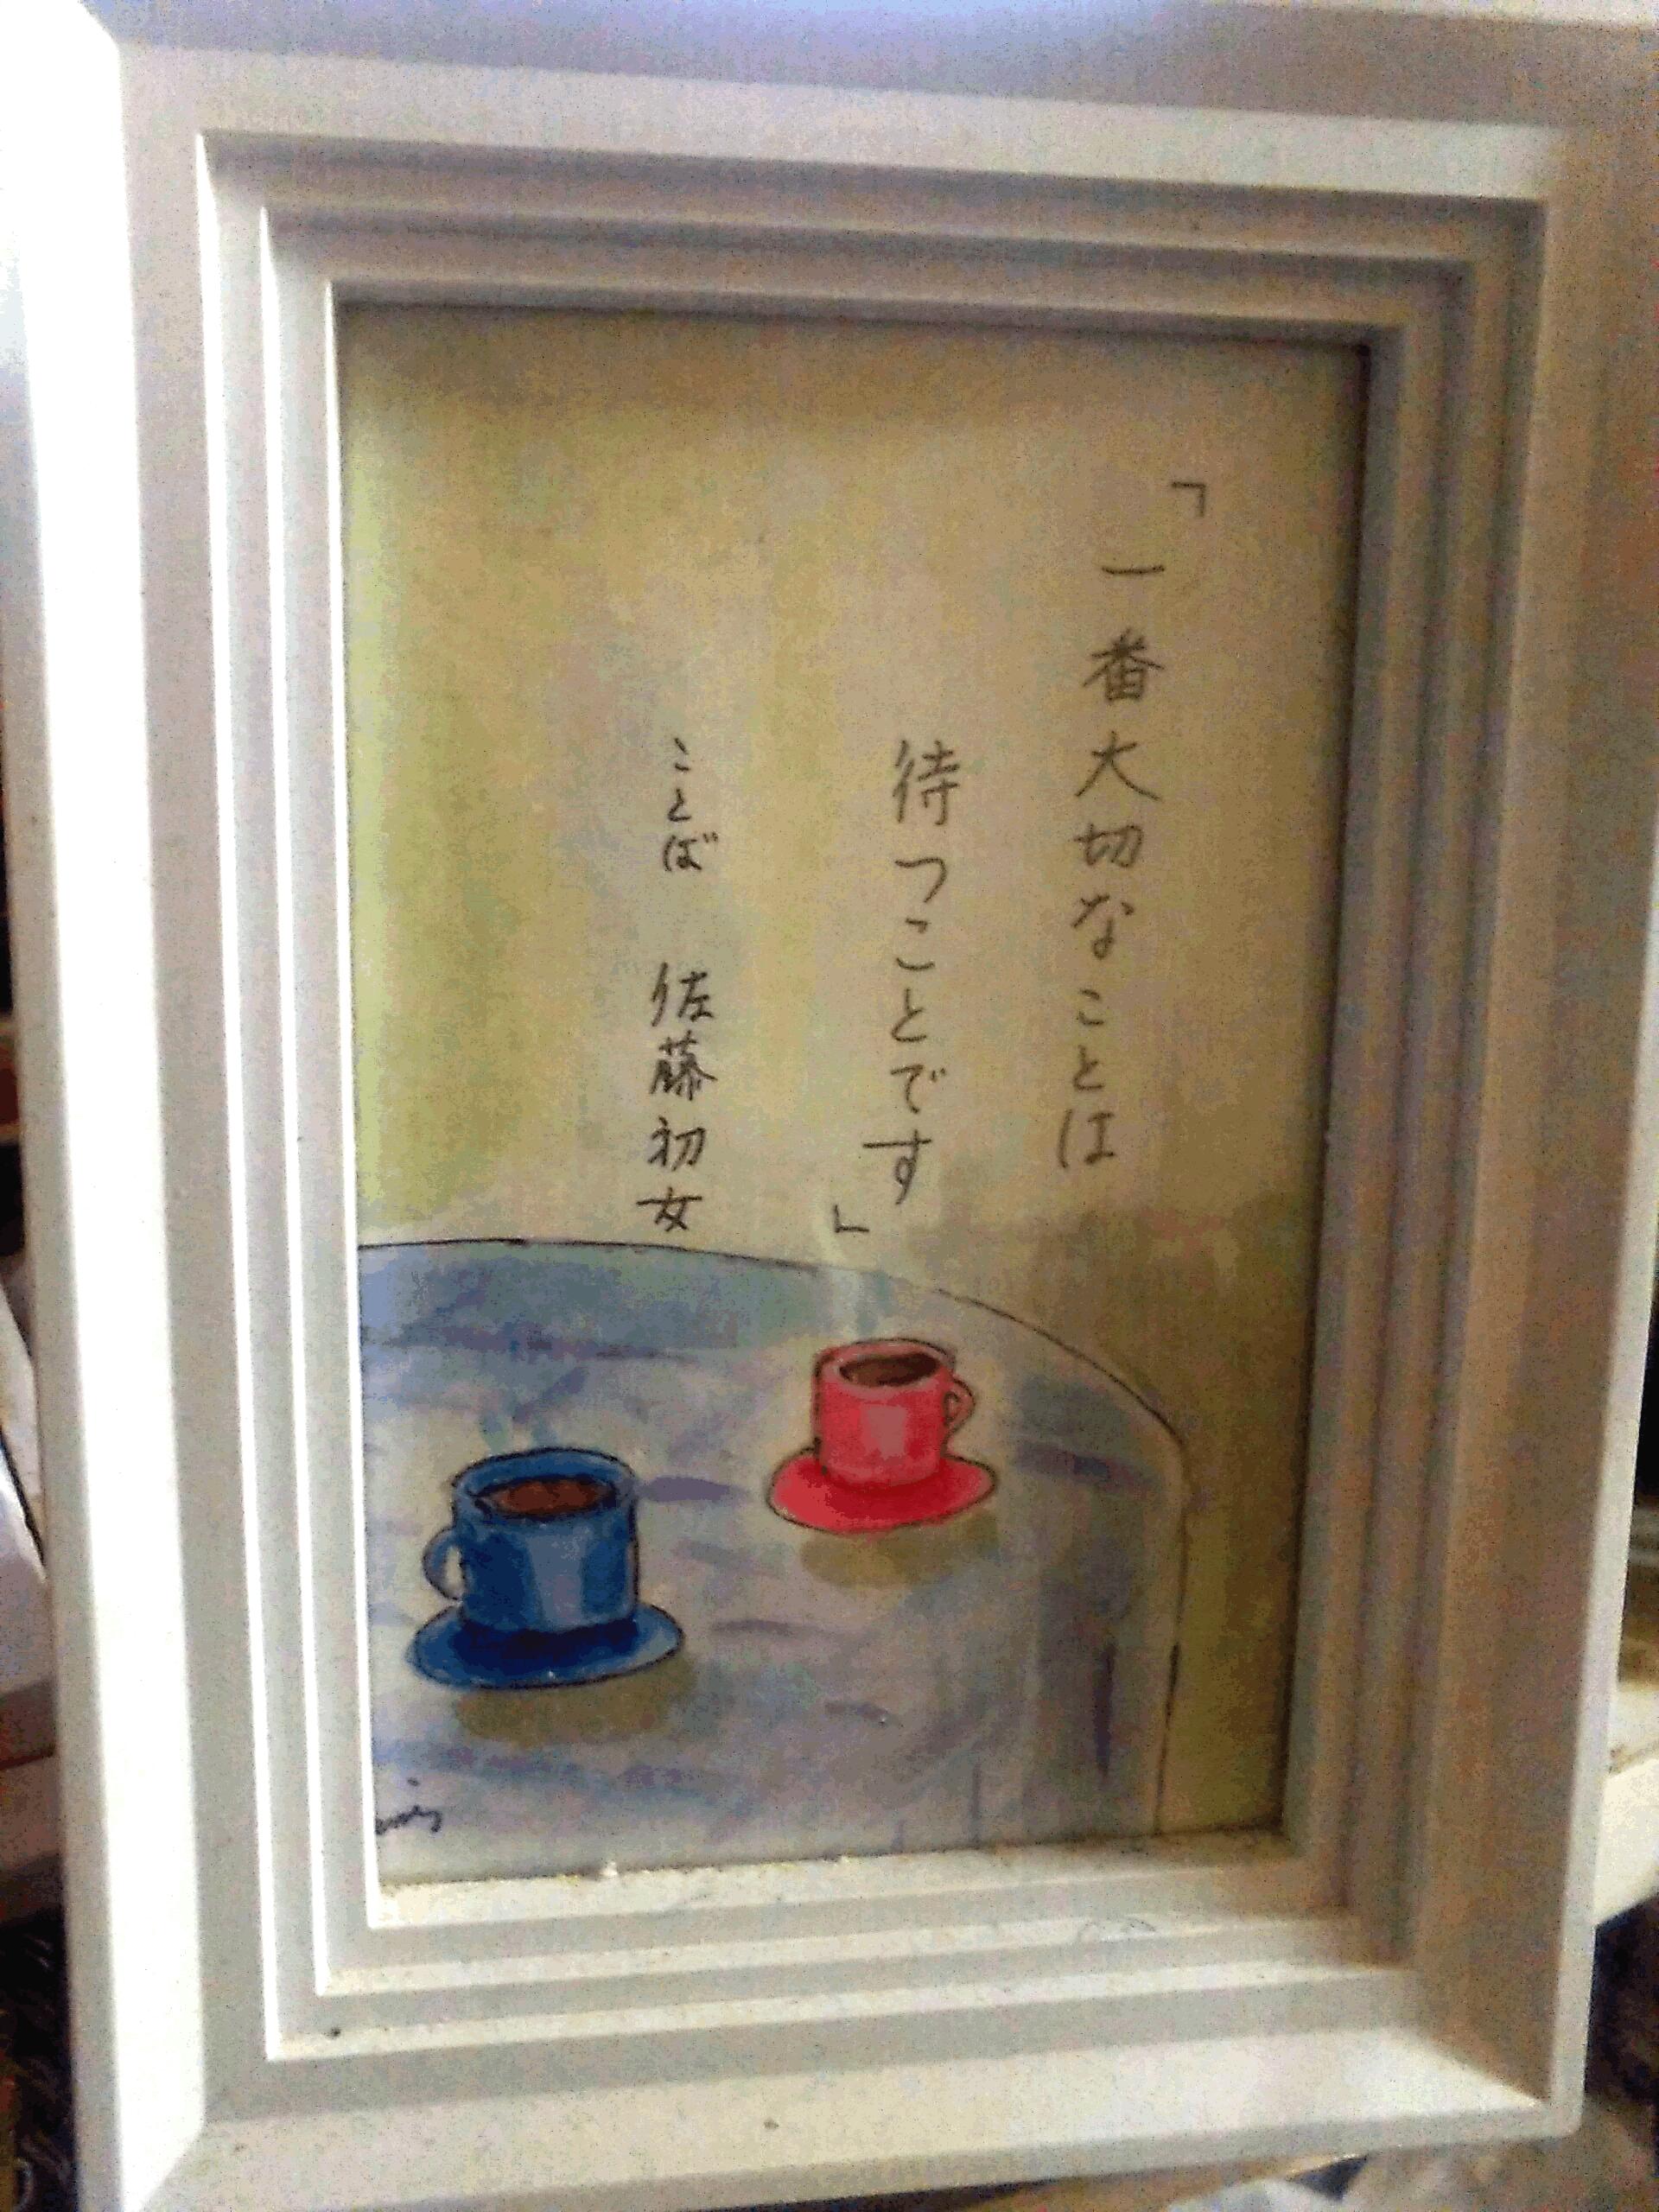 20180929011351 - 佐藤初女さん展